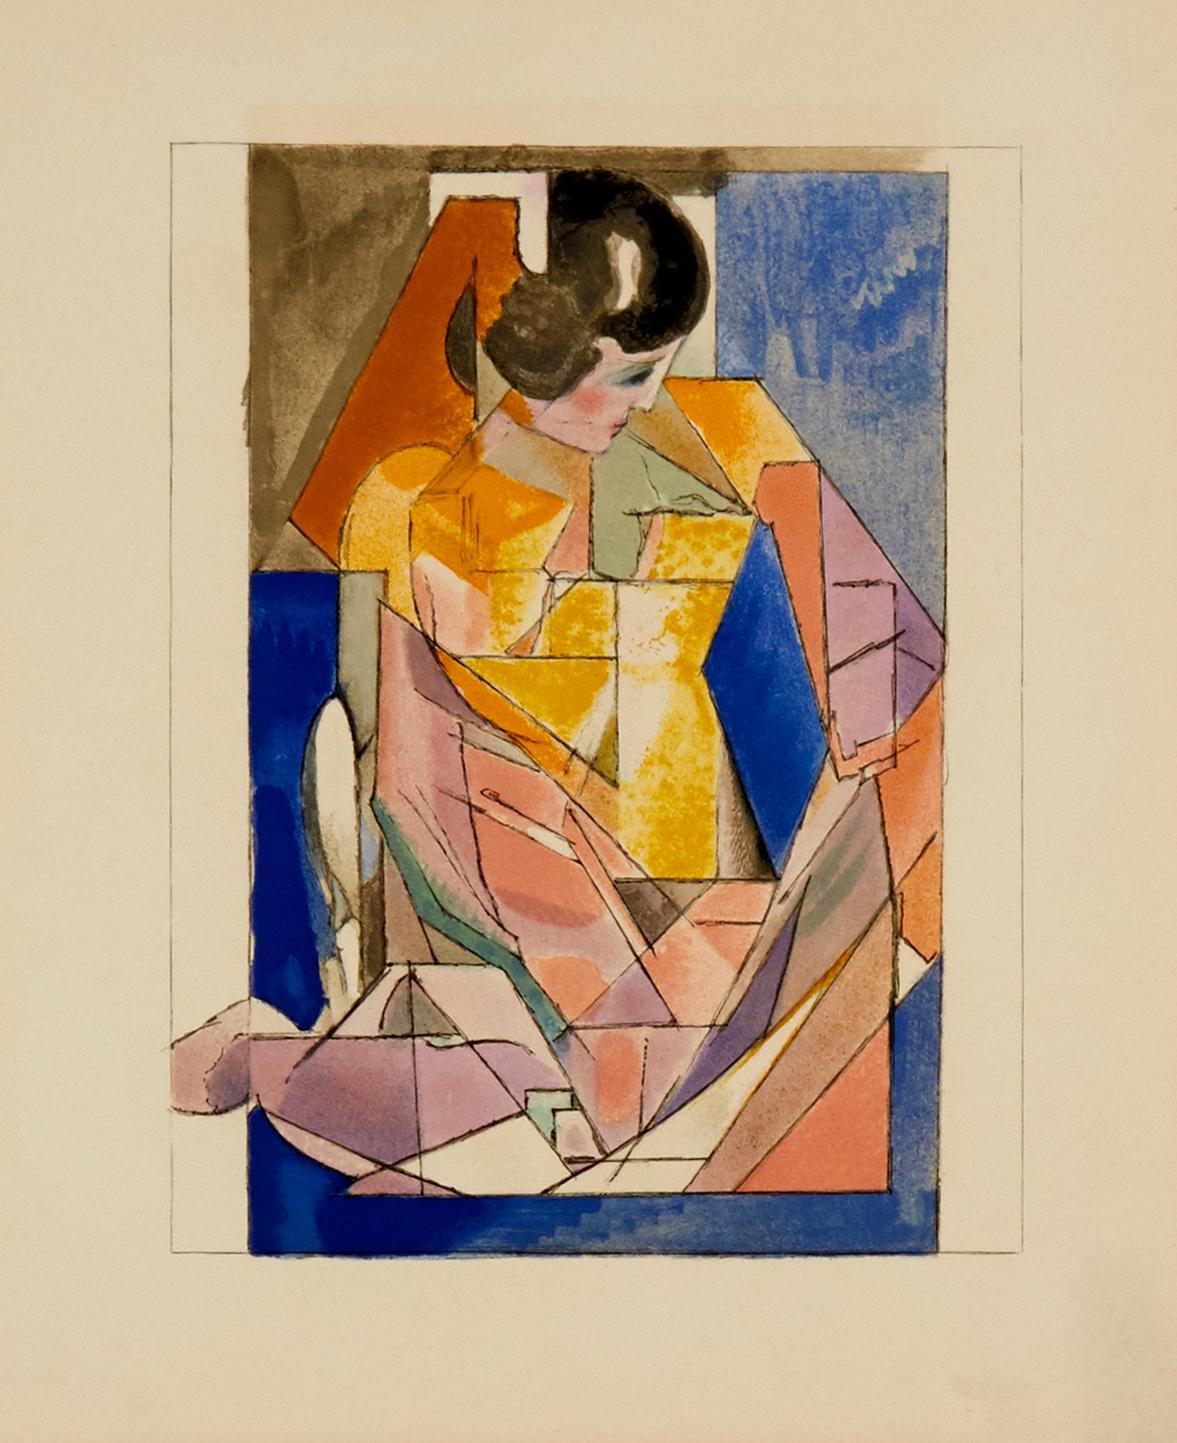 Portrait d'une Jeune Fille by Jacques Villon - colorful lithograph